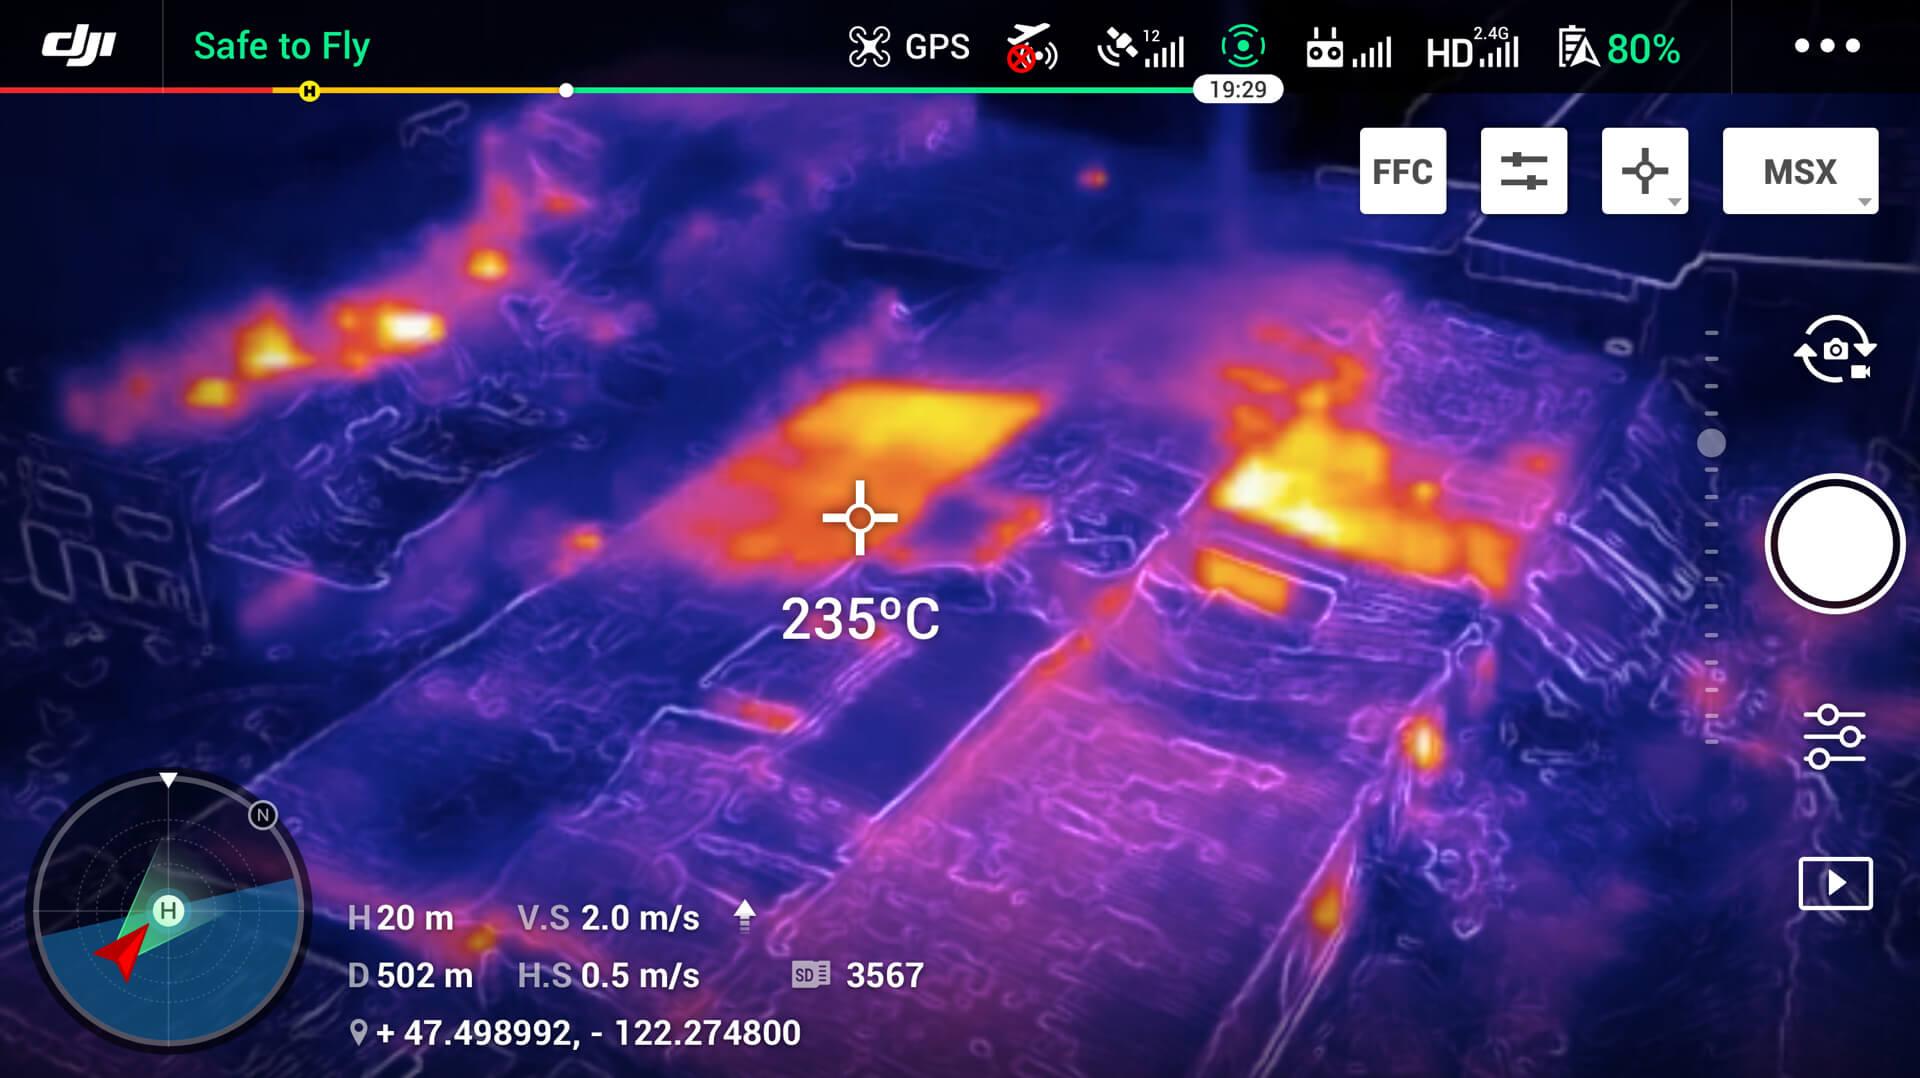 Un esempio di visione del drone Mavic 2. Credits: dji.com